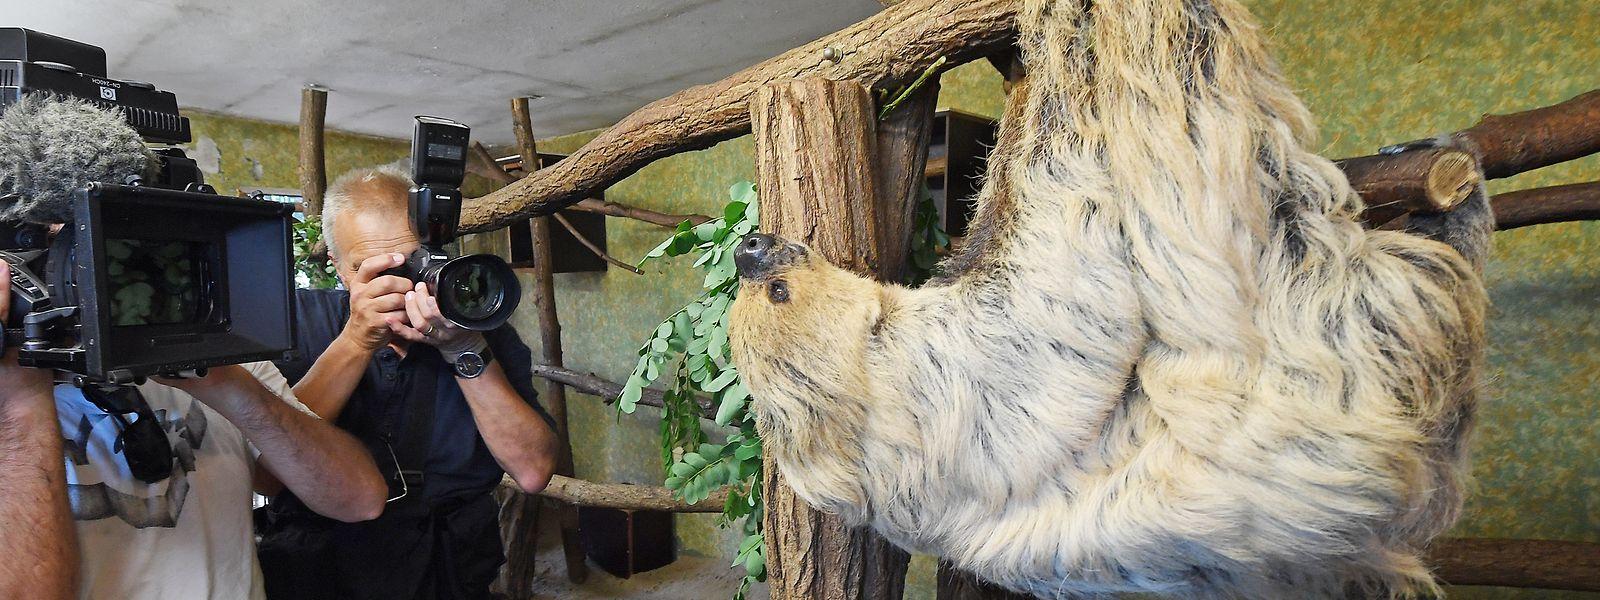 Ein Fotograf und ein Kameramann stehen vor dem Faultier Paula im Zoo in Halle/Saale.